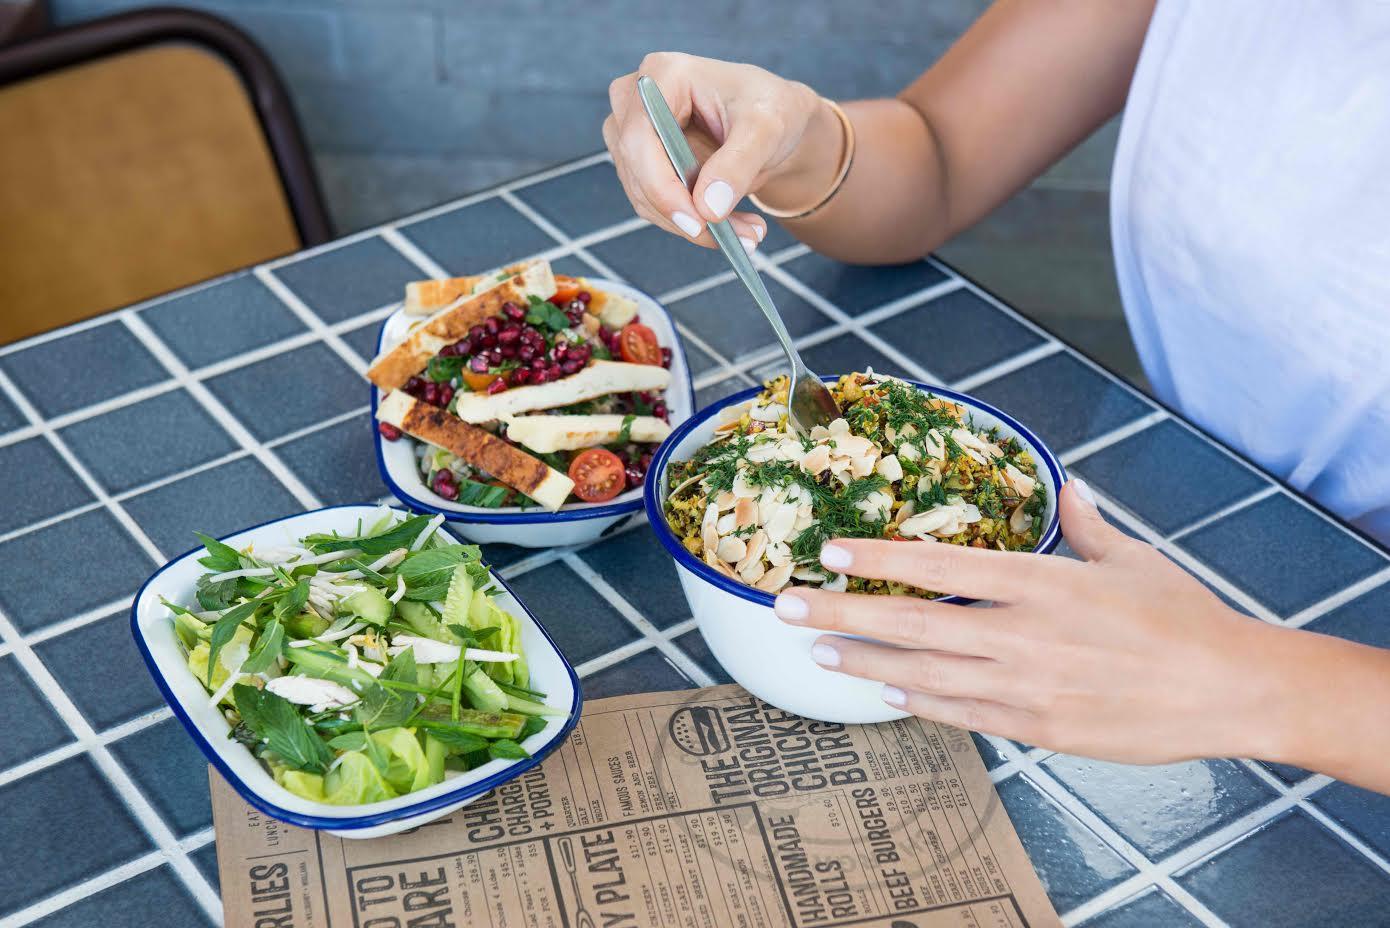 roxy jacenko salads